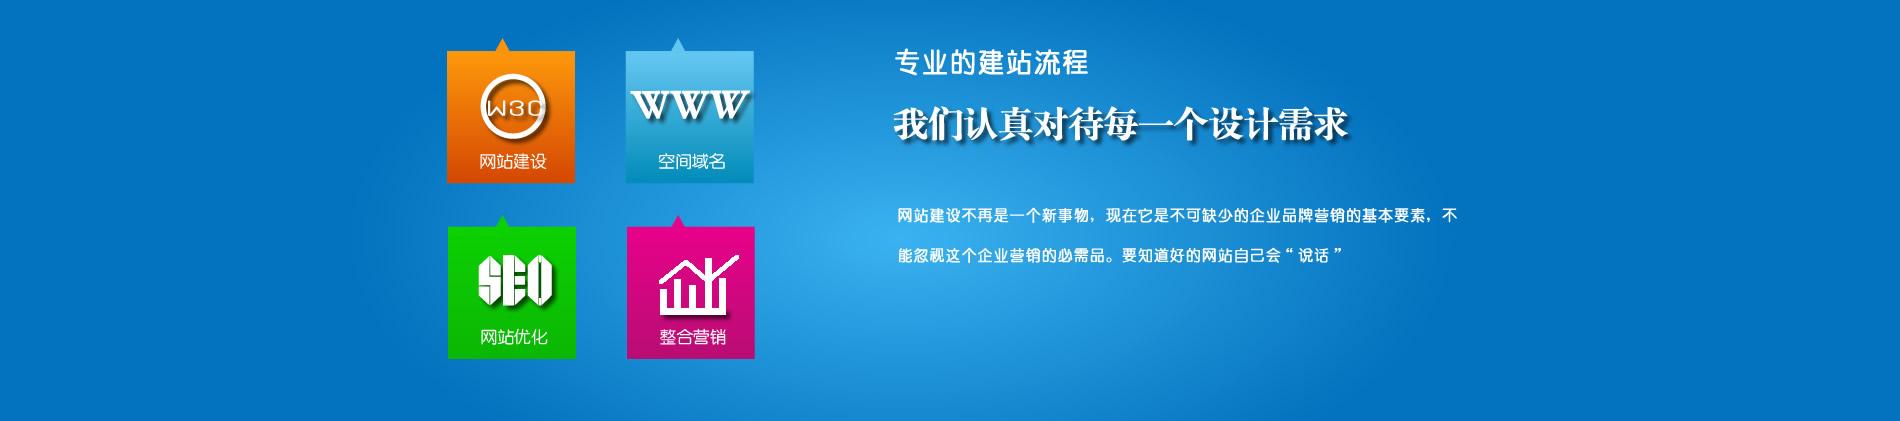 上海做网站,上海做网站的公司